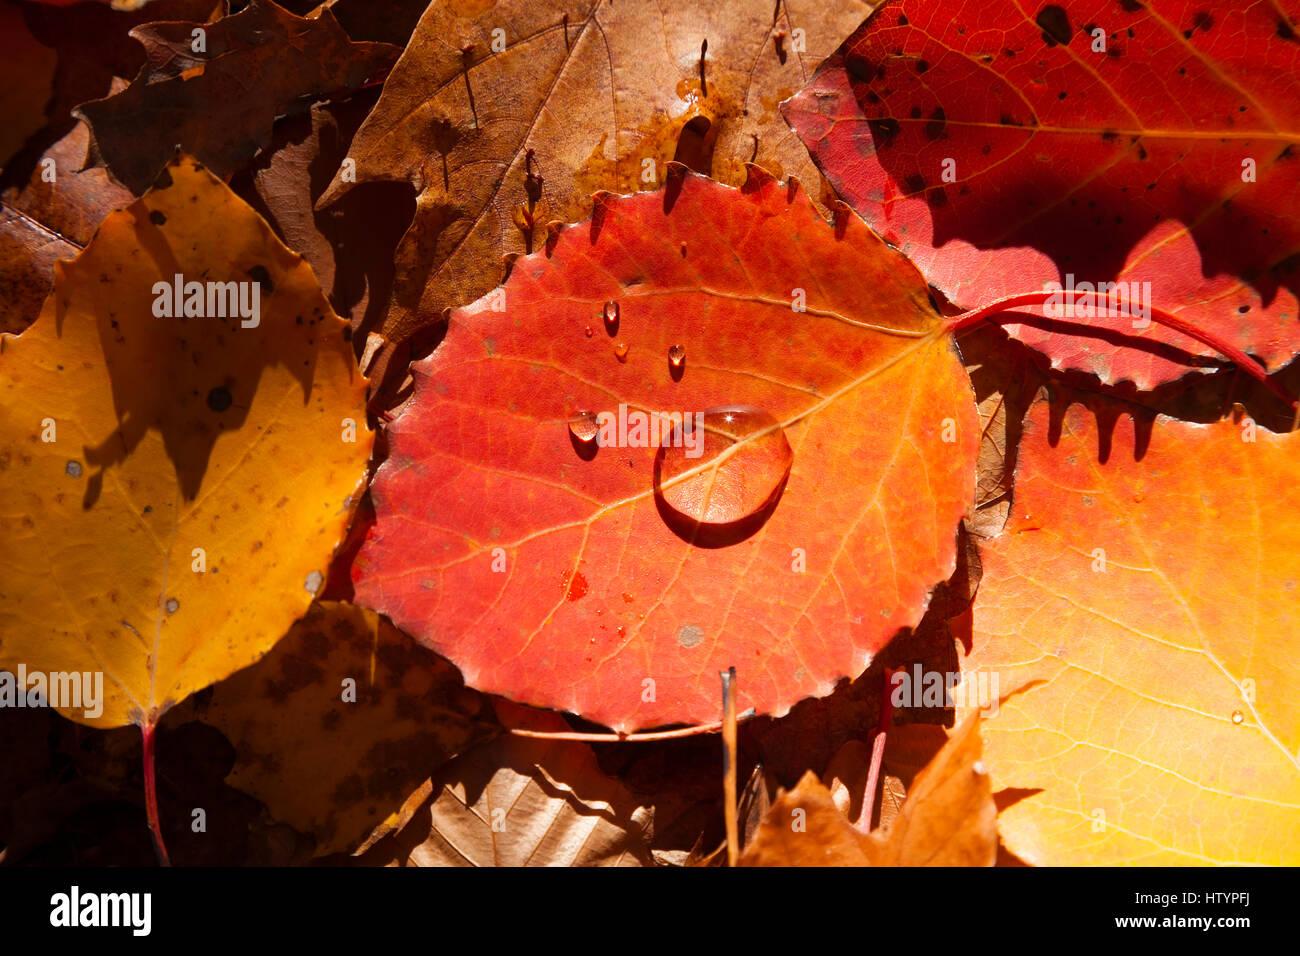 Un diente grande rojo aspen leaf (Populus grandidentata) con gotas de agua, tendido en el suelo, en la parte superior Foto de stock